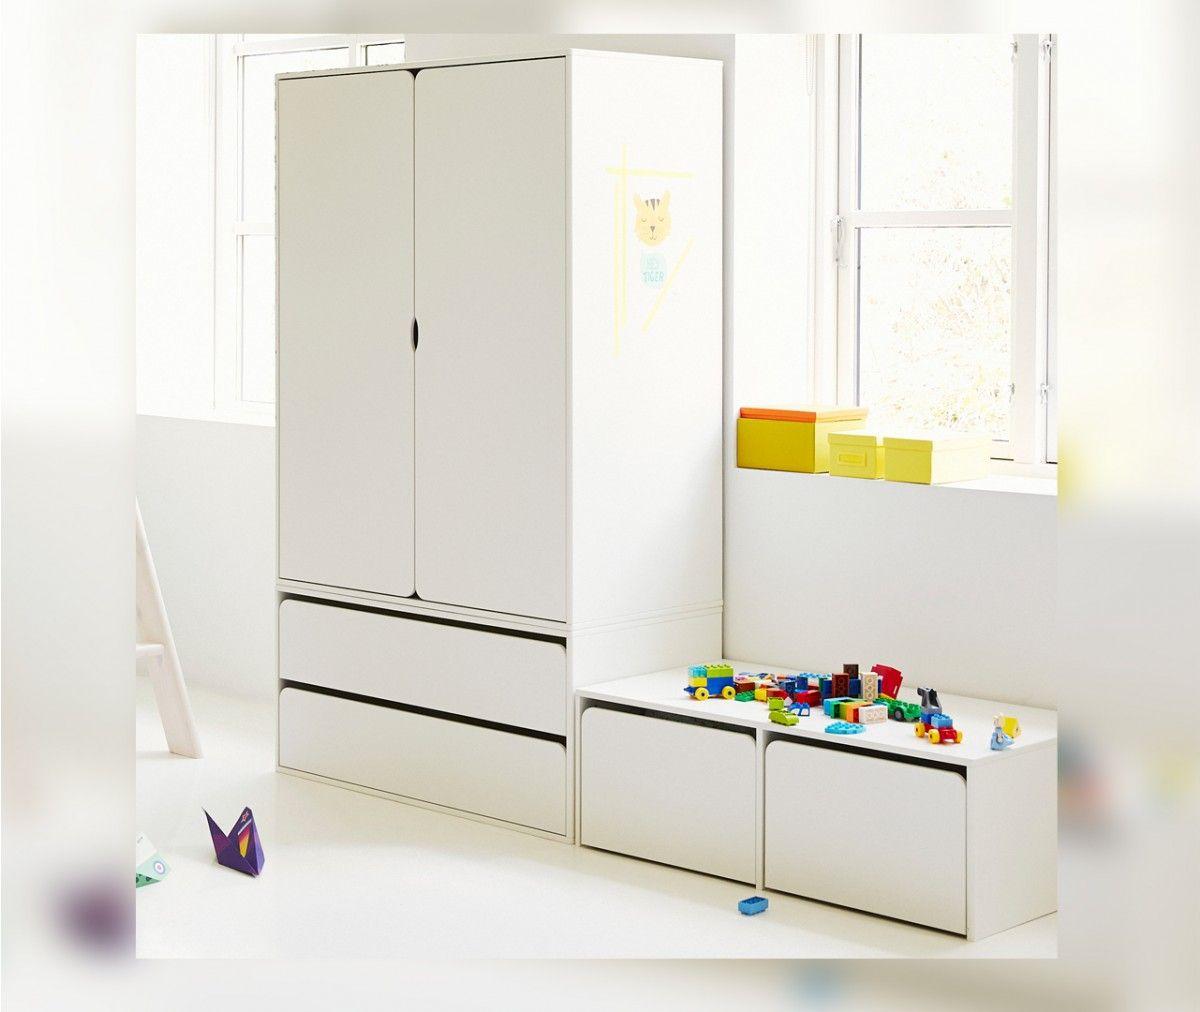 Kleiderschrank Cabby Kinderzimmer Baby/Kinder Online